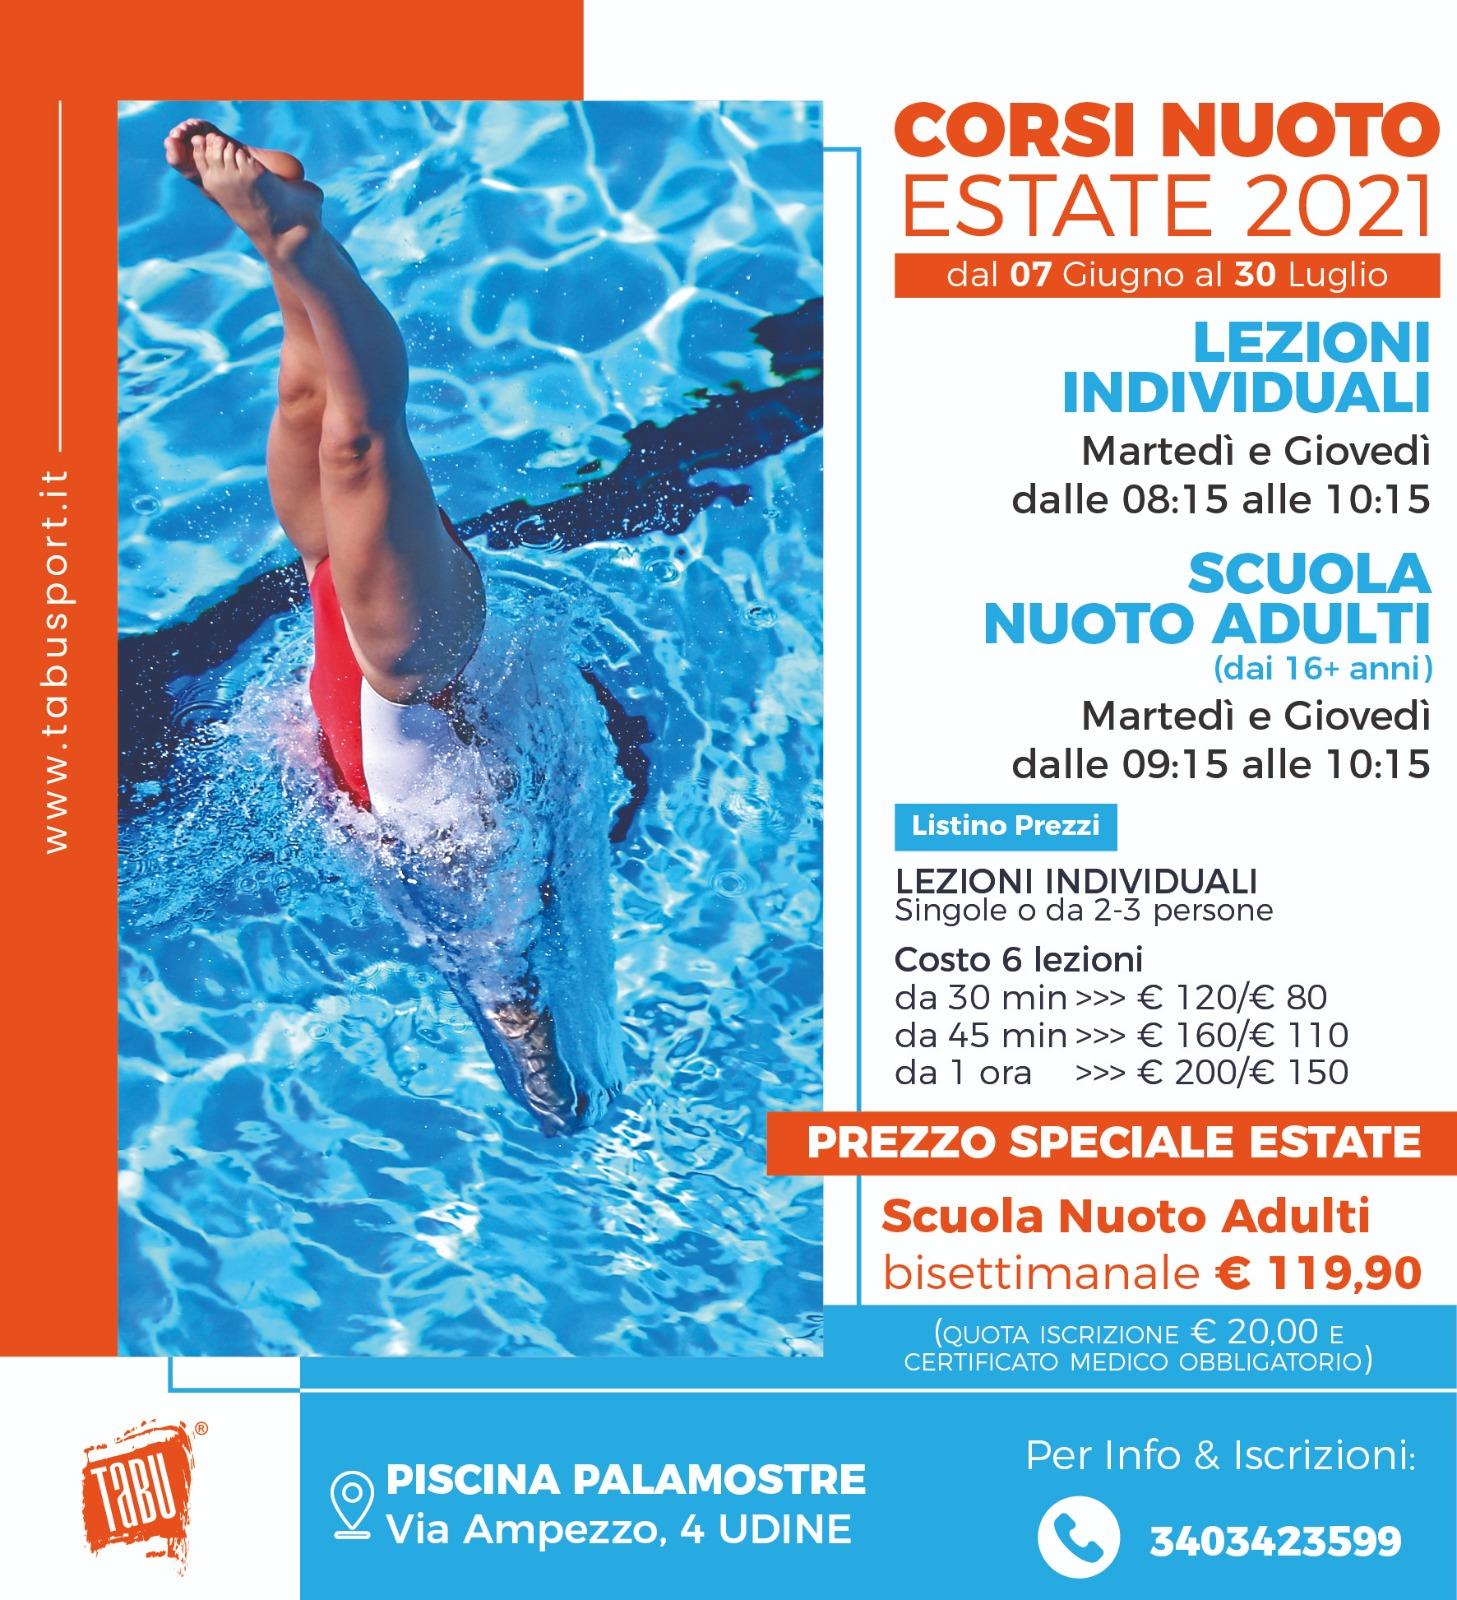 Corsi di nuoto a Udine piscina Palamostre